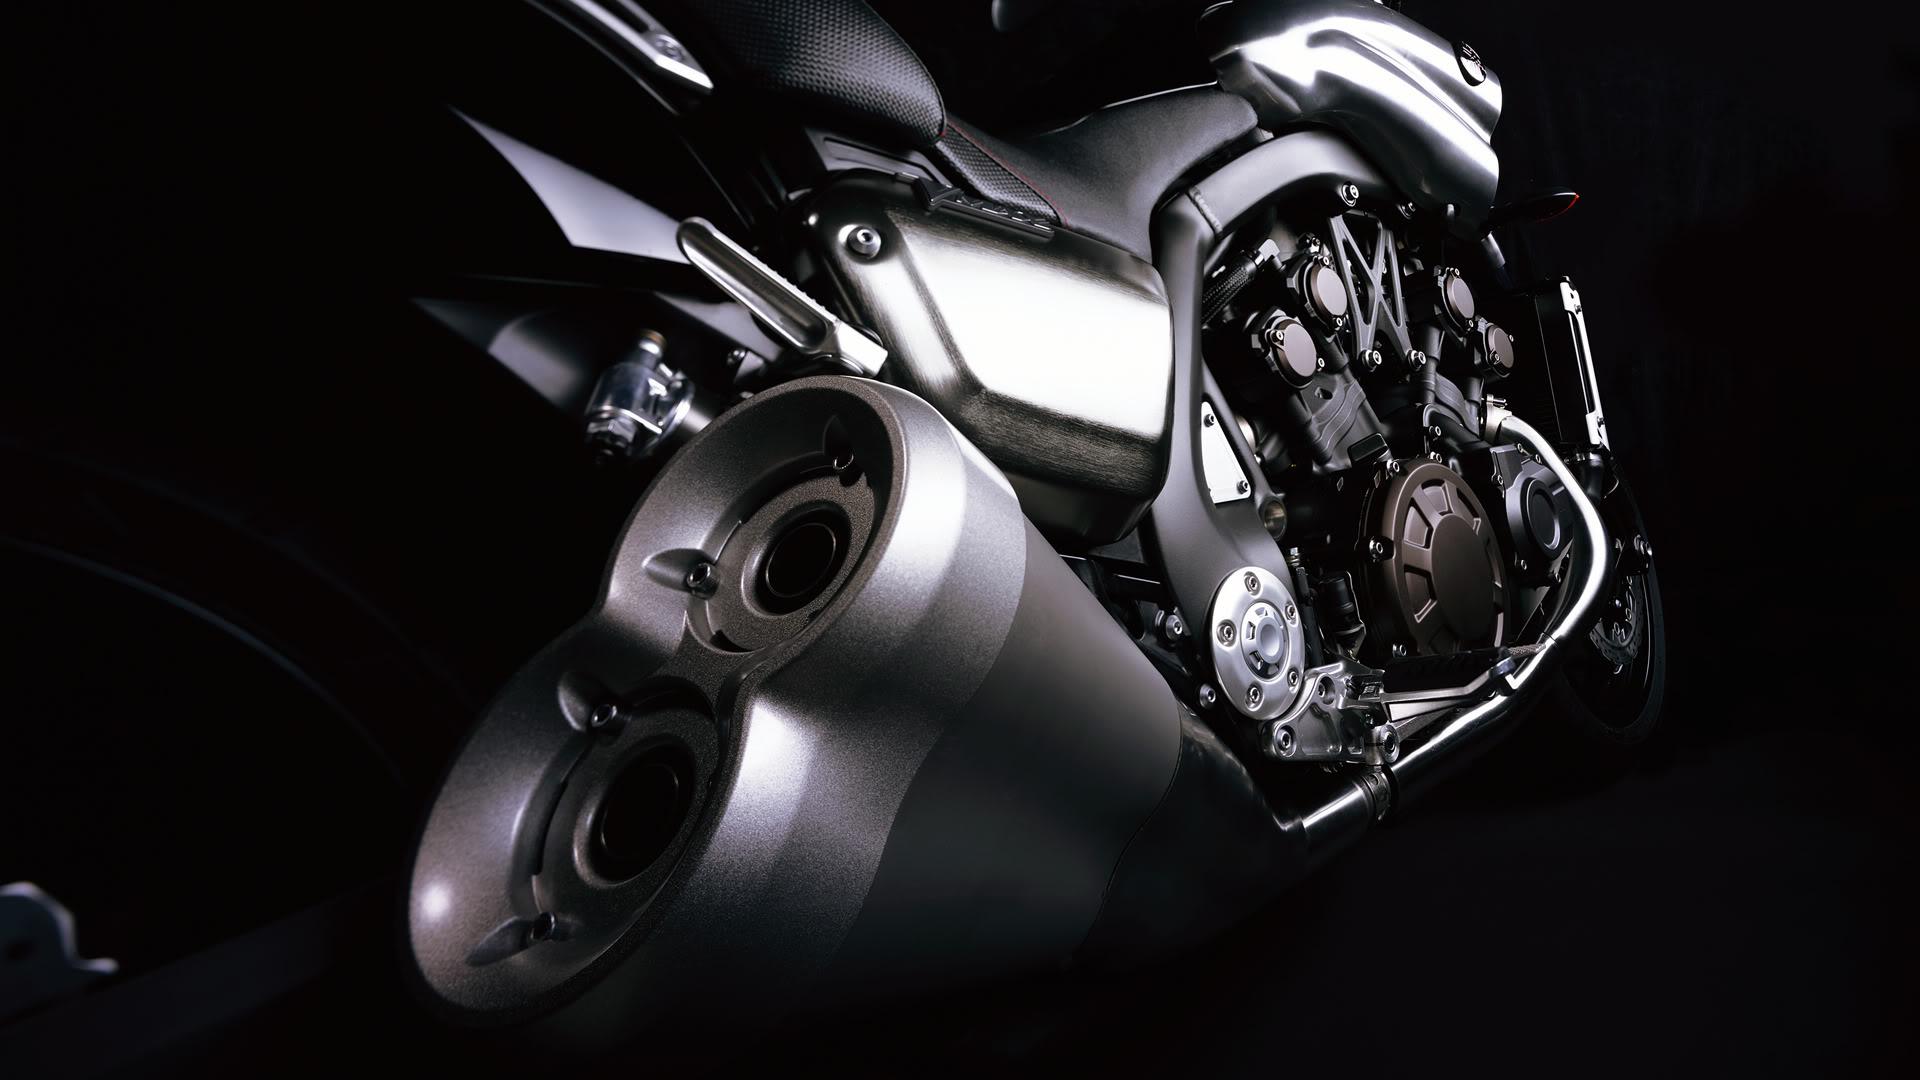 Sfondi Hd Per Desktop Moto Ford Focus C Max Sfondi Hd